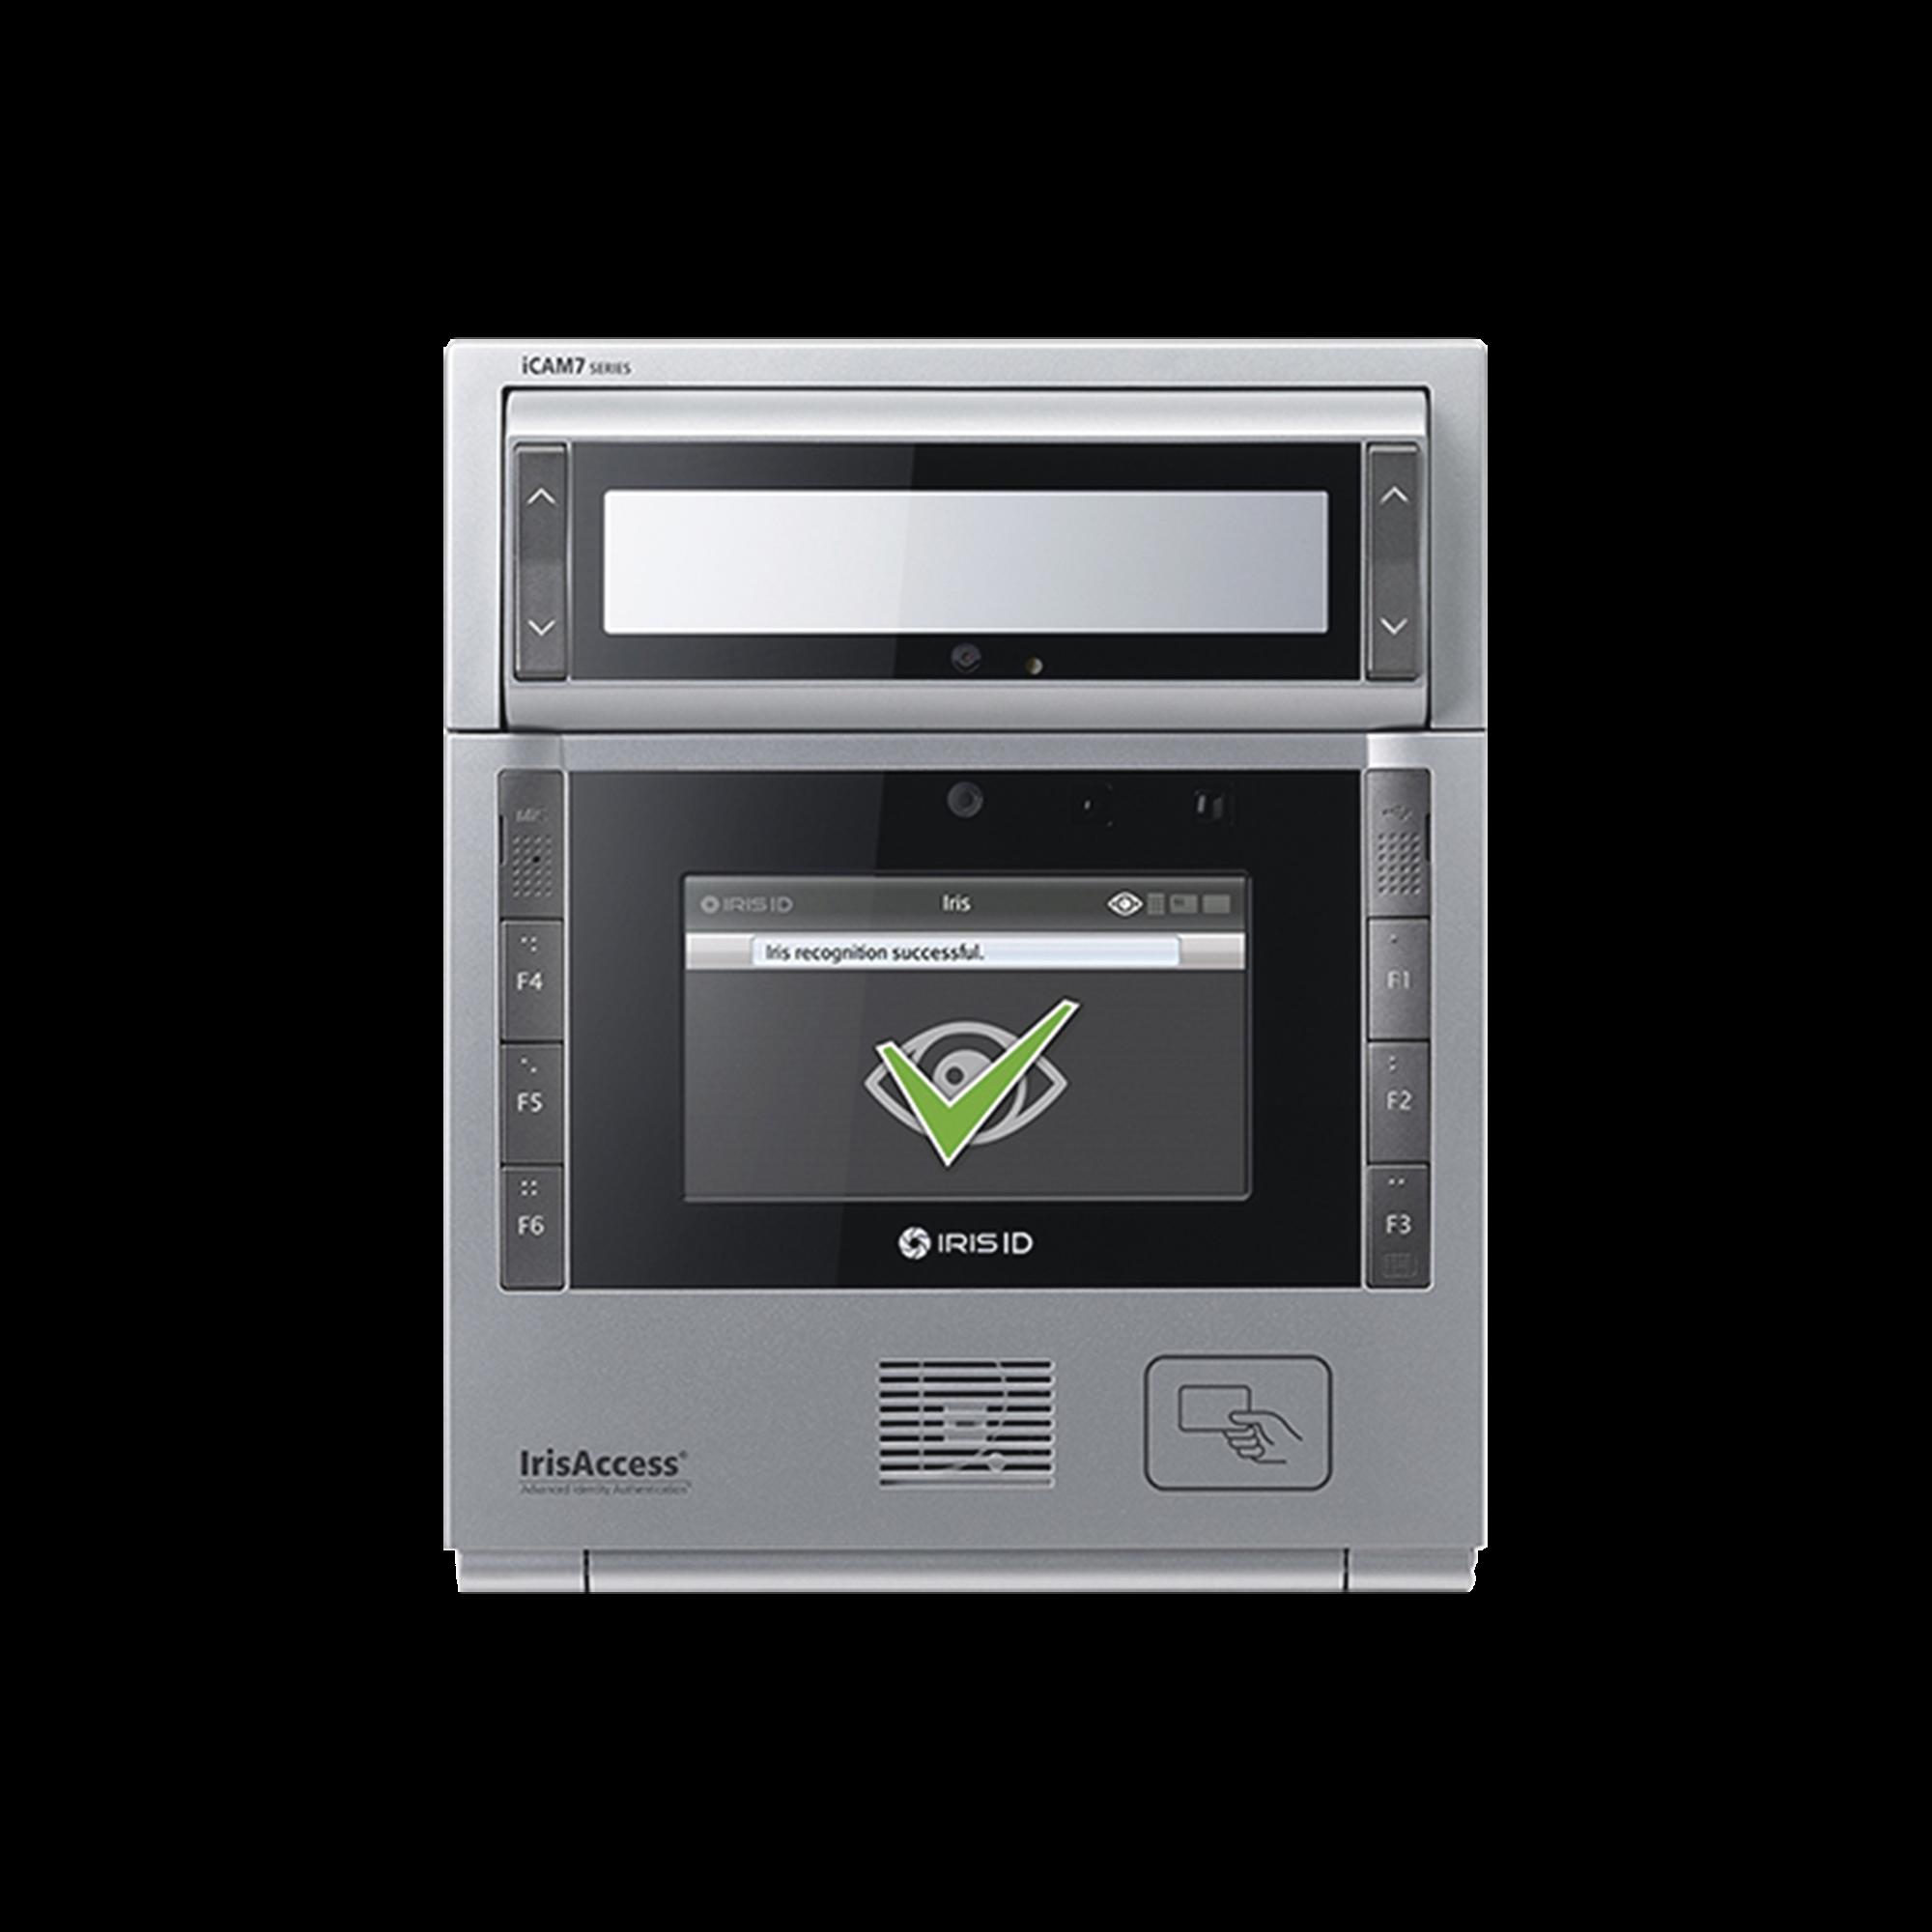 Camara de reconocimiento de Iris color plata con lector (PROX 125 Khz , iClass SE, MiFARE, DESFire, 13.56Mhz cards).